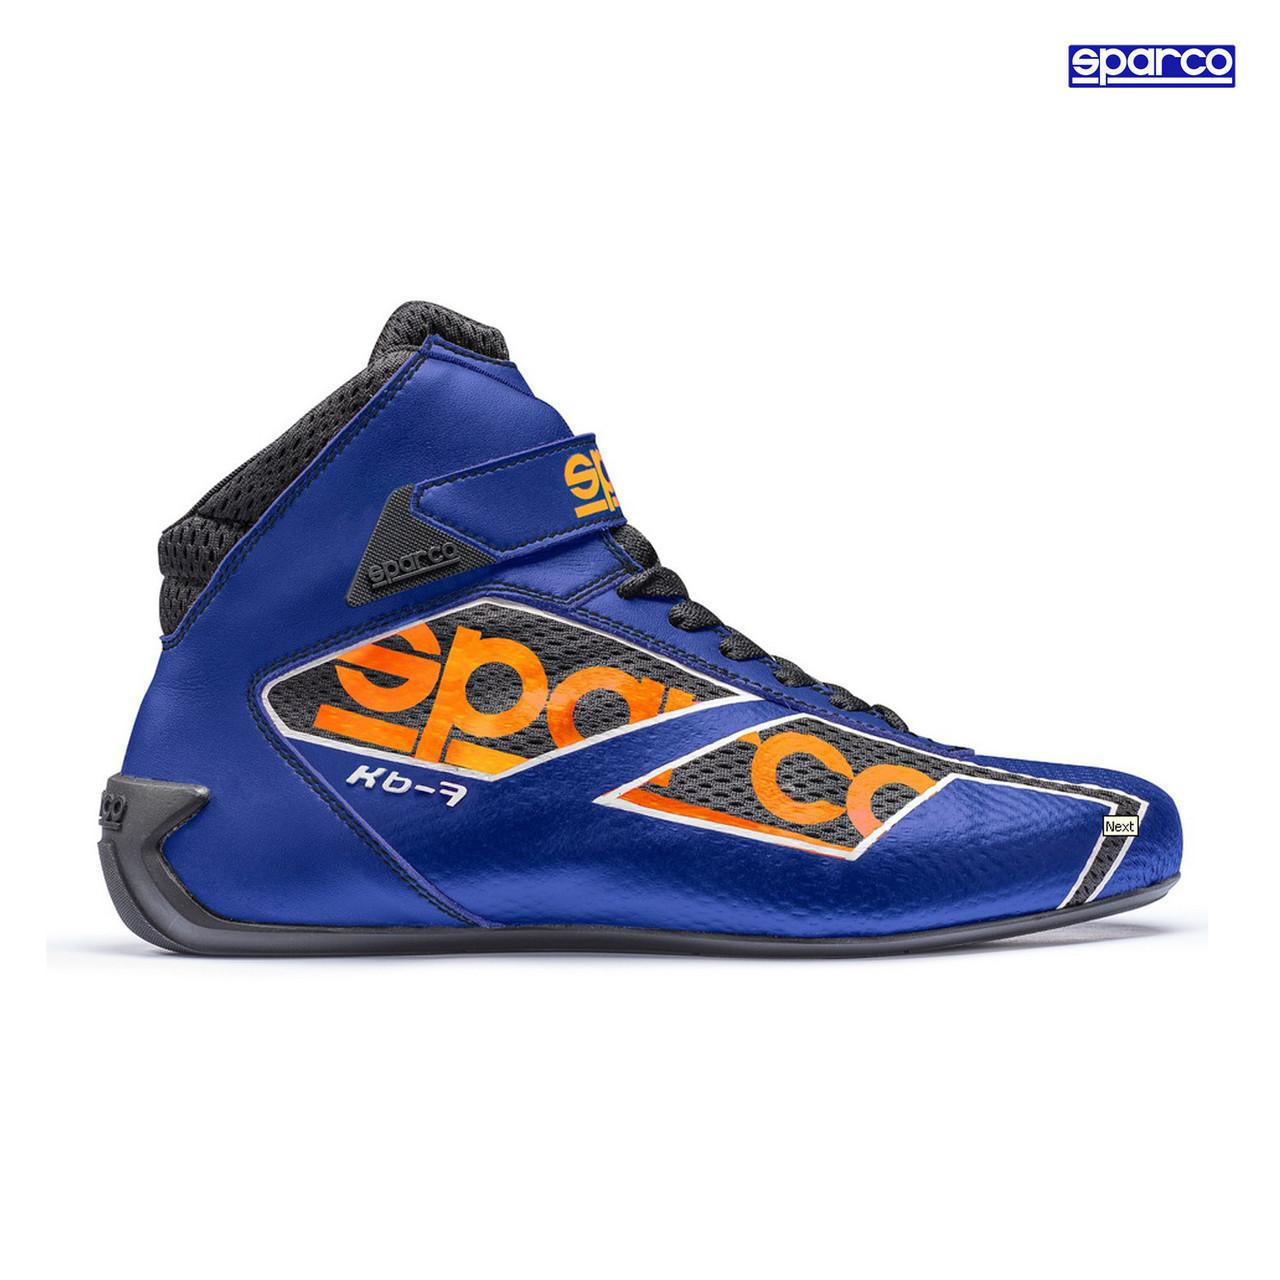 Взуття Кросівки Sparco KB-7 2015 сині 43 розмір